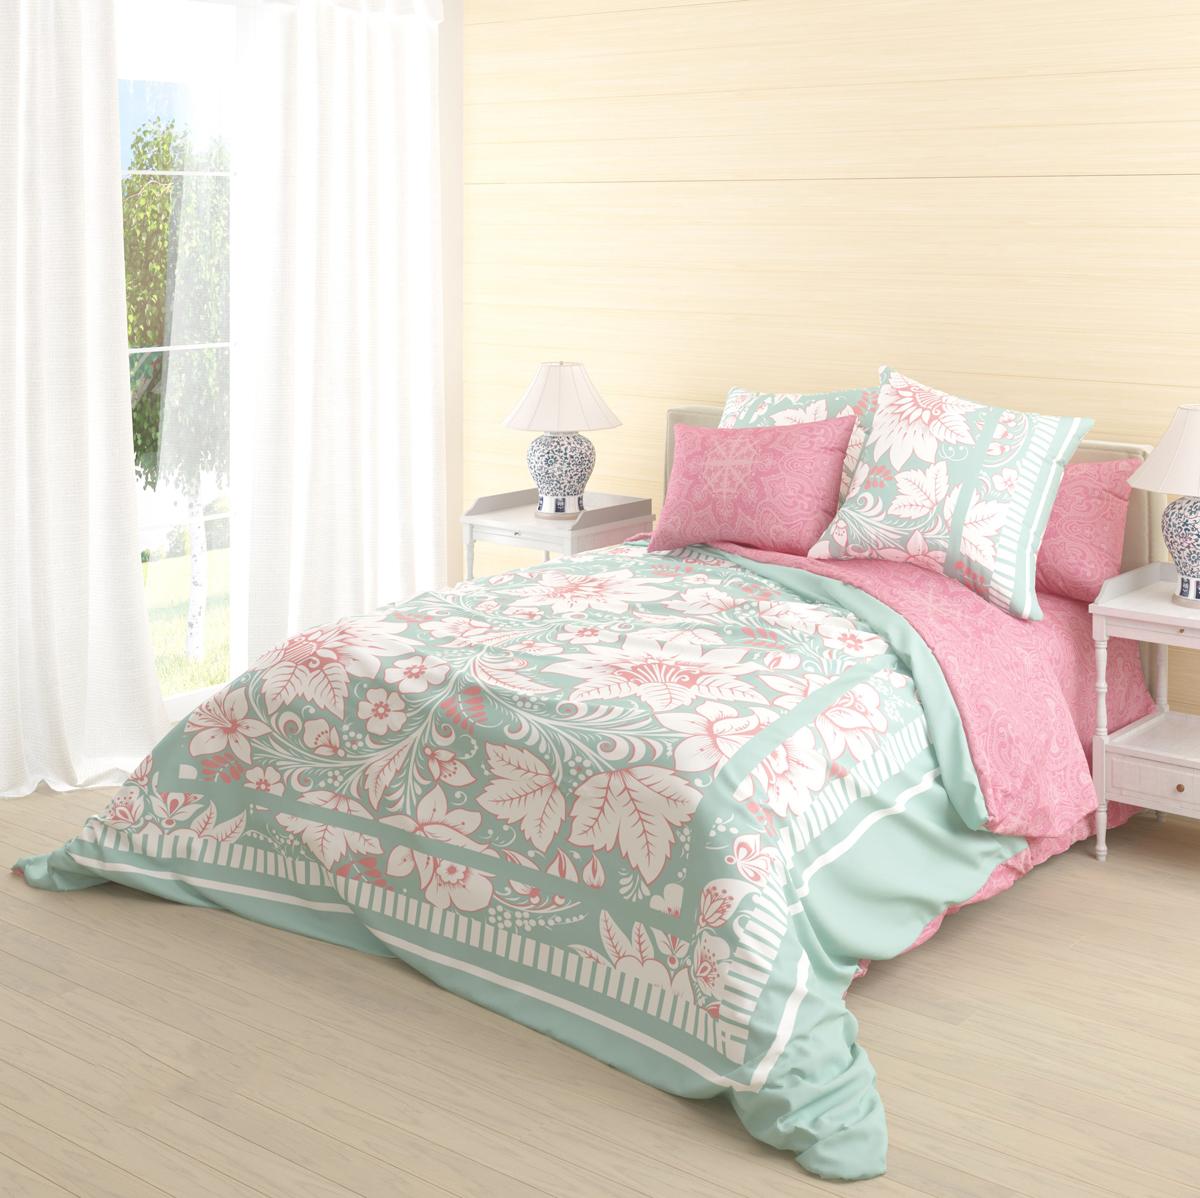 Комплект белья Волшебная ночь Biruza, 1,5-спальный, наволочки 50х70 см718650Роскошный комплект постельного белья Волшебная ночь Biruza выполнен из натурального ранфорса (100% хлопка) и оформлен оригинальным рисунком. Комплект состоит из пододеяльника, простыни и двух наволочек. Ранфорс - это новая современная гипоаллергенная ткань из натуральных хлопковых волокон, которая прекрасно впитывает влагу, очень проста в уходе, а за счет высокой прочности способна выдерживать большое количество стирок. Высочайшее качество материала гарантирует безопасность.